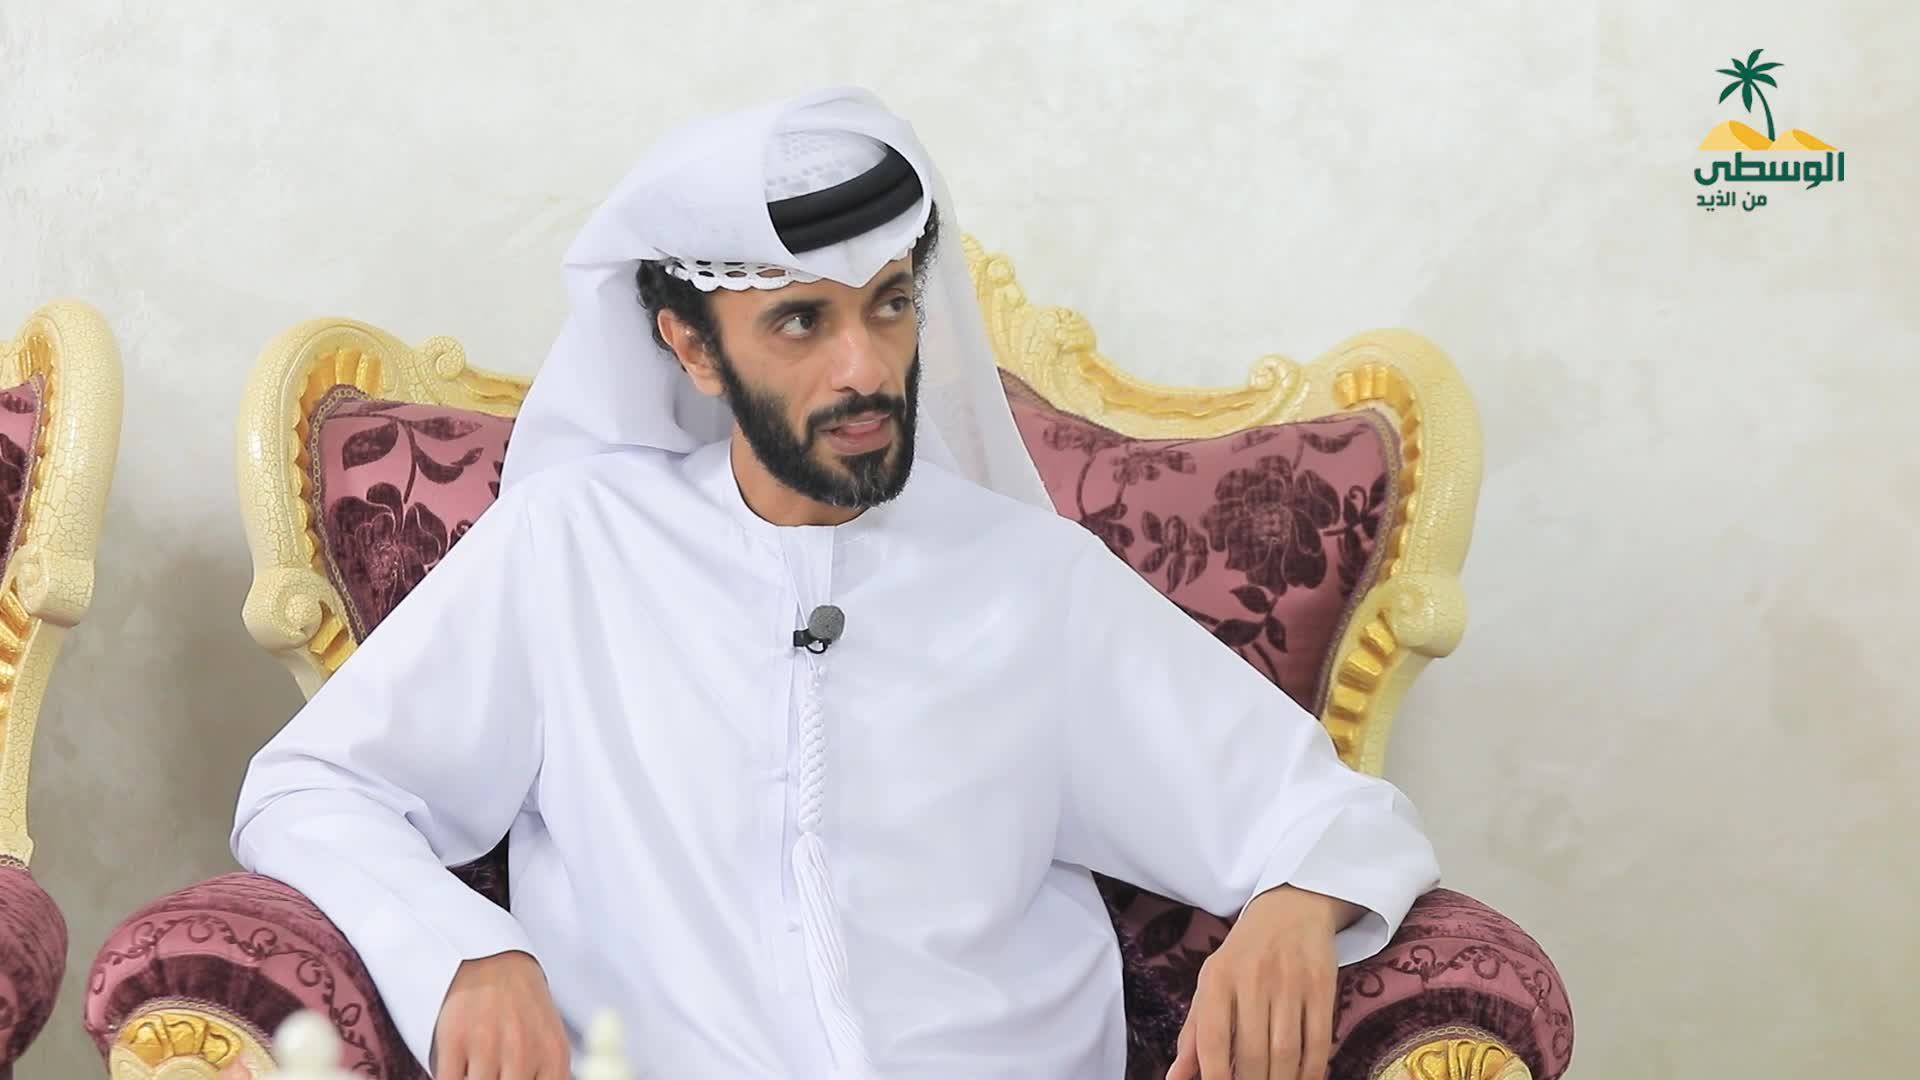 ويبقى الاثر - محمد سعيد علي بن مترف الطنيجي